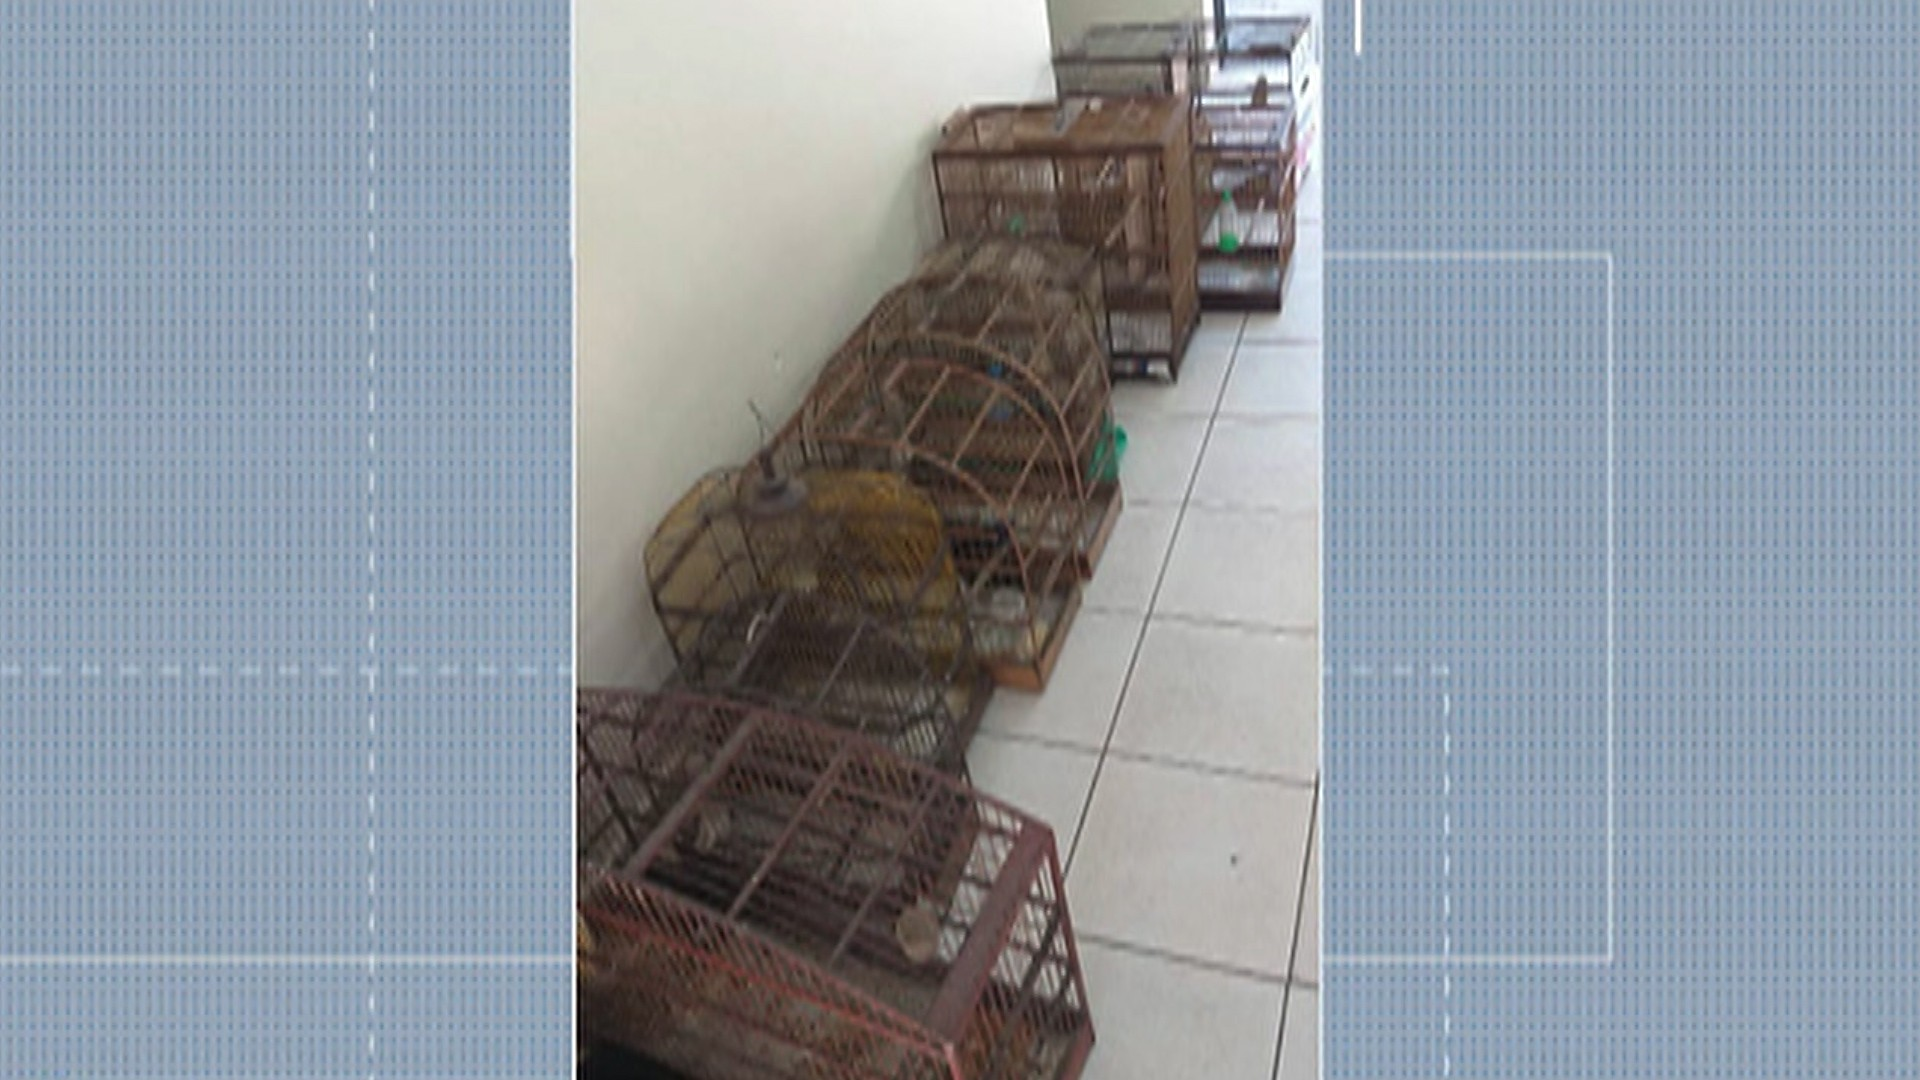 Polícia Ambiental apreende 13 aves silvestres em cativeiro e homem é multado em mais de R$ 11 mil em Suzano